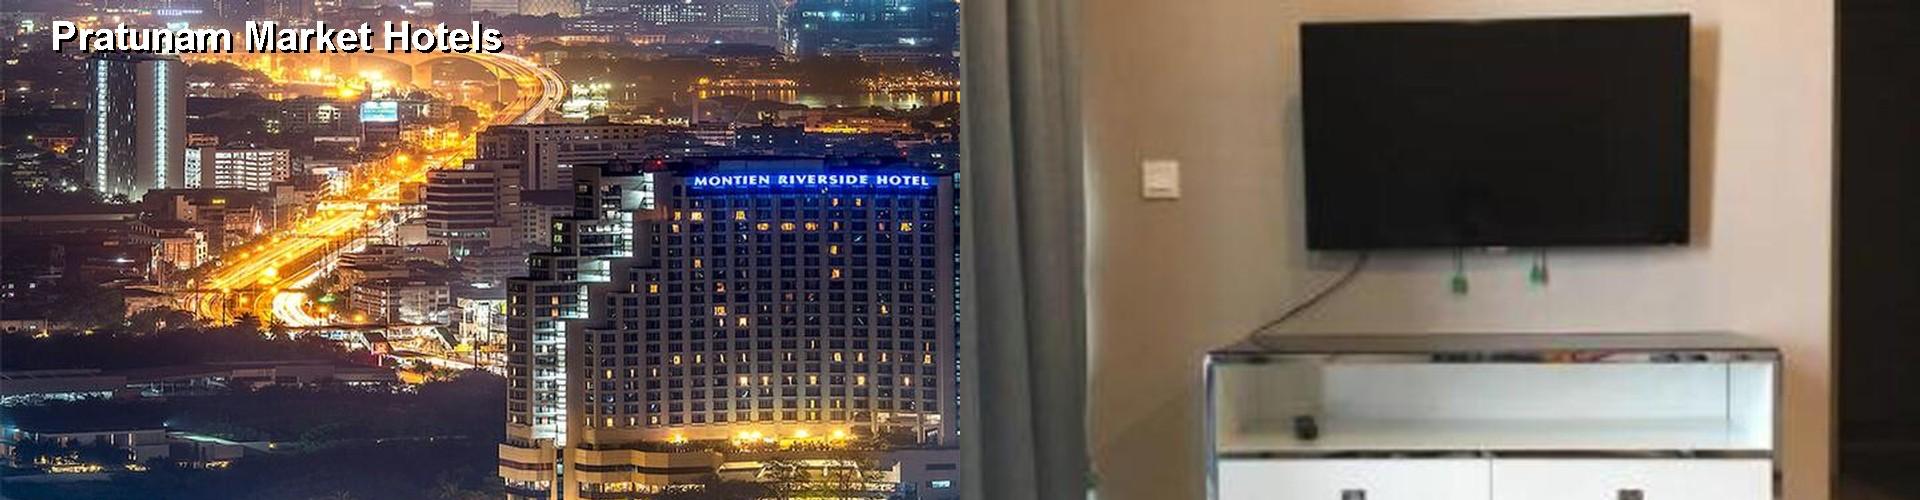 Bangkok Hotels - Where to Stay in Bangkok